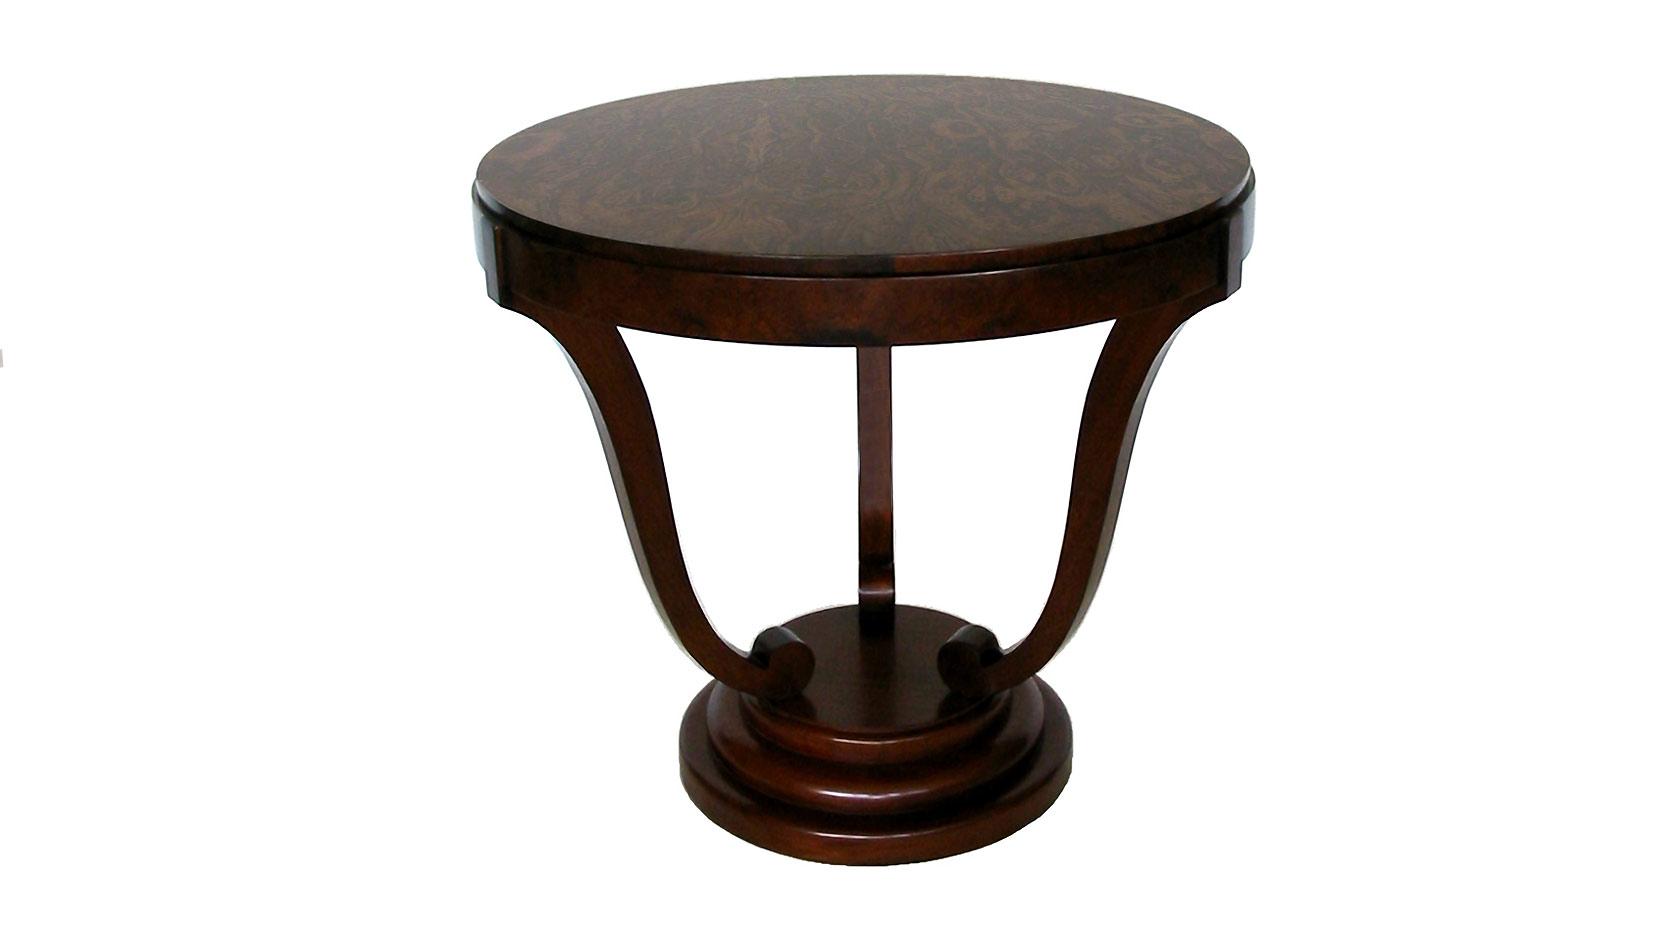 fiore center table w.three legs